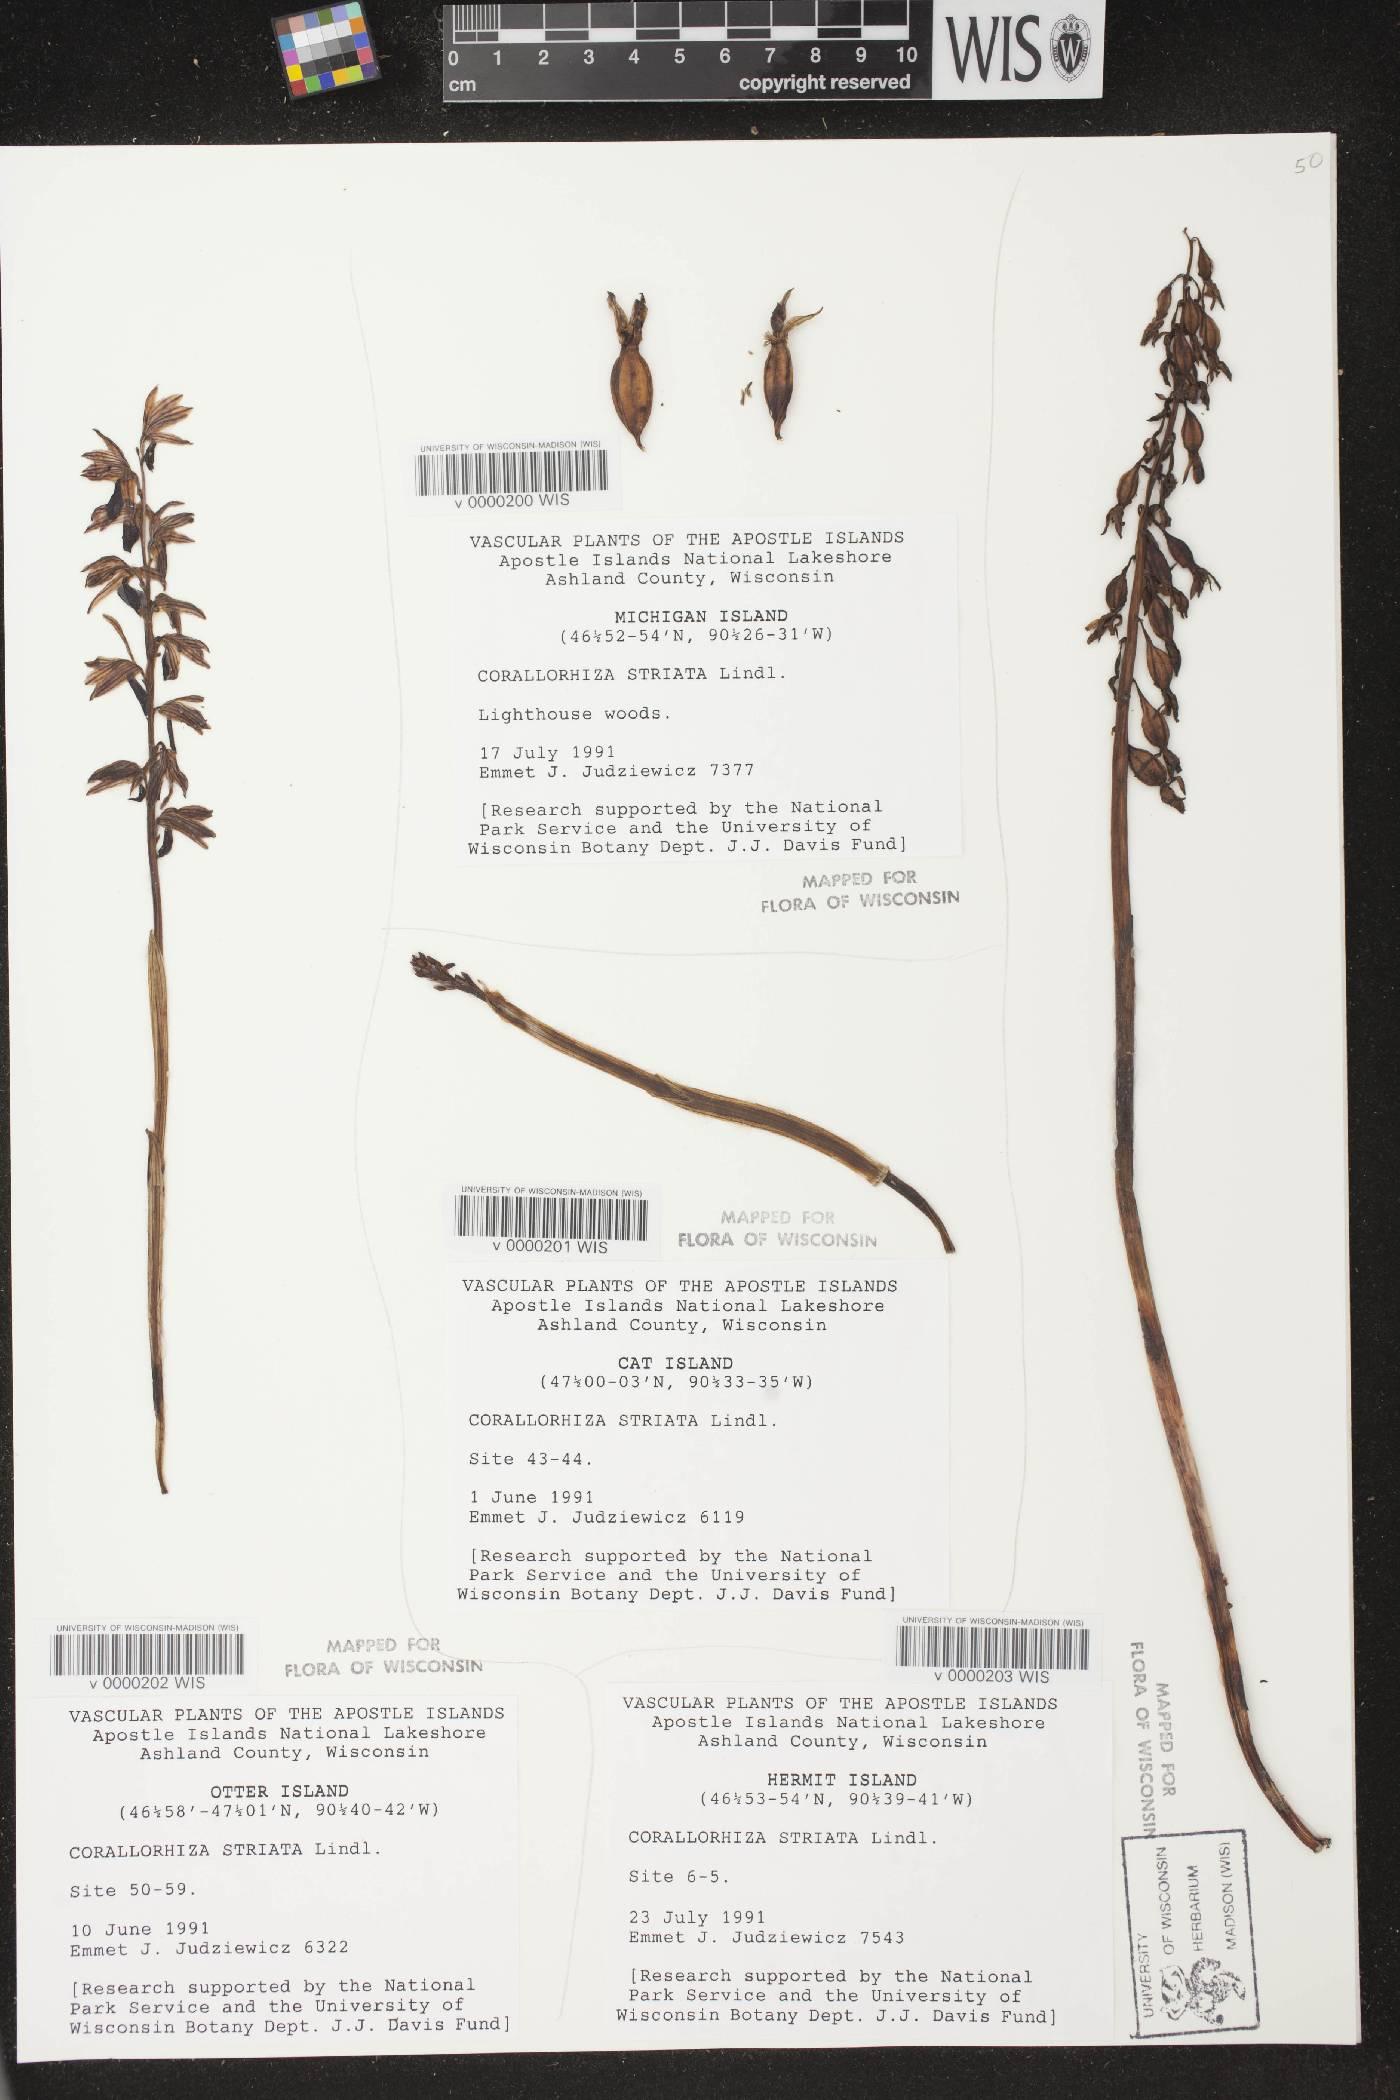 Corallorhiza striata image